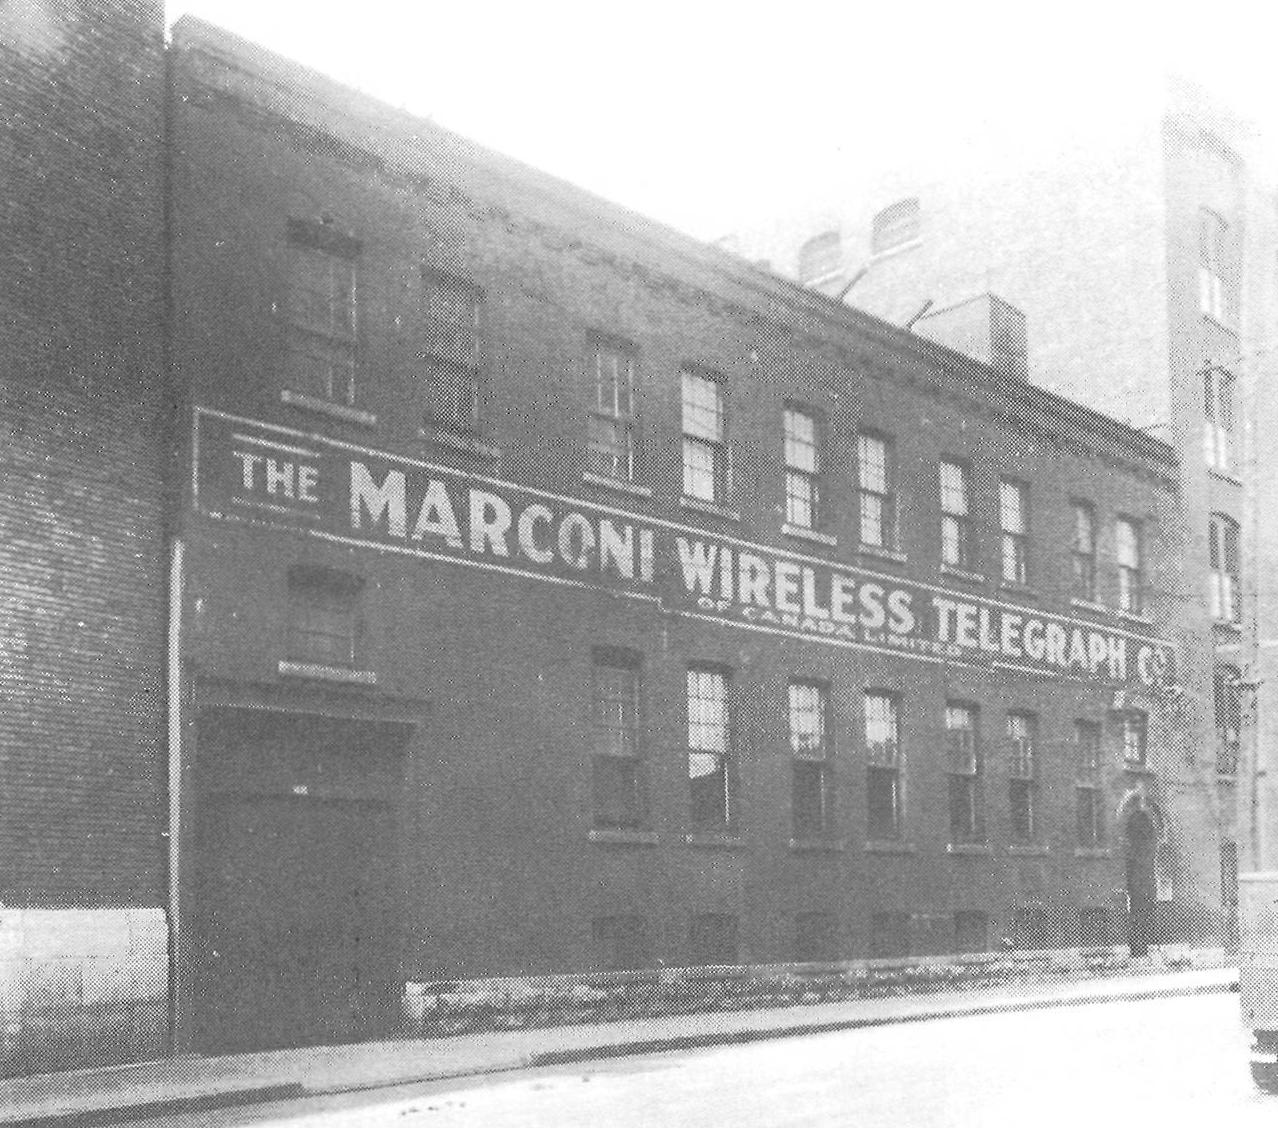 Marconi Wireless Telegraph Co. (rue Williams)